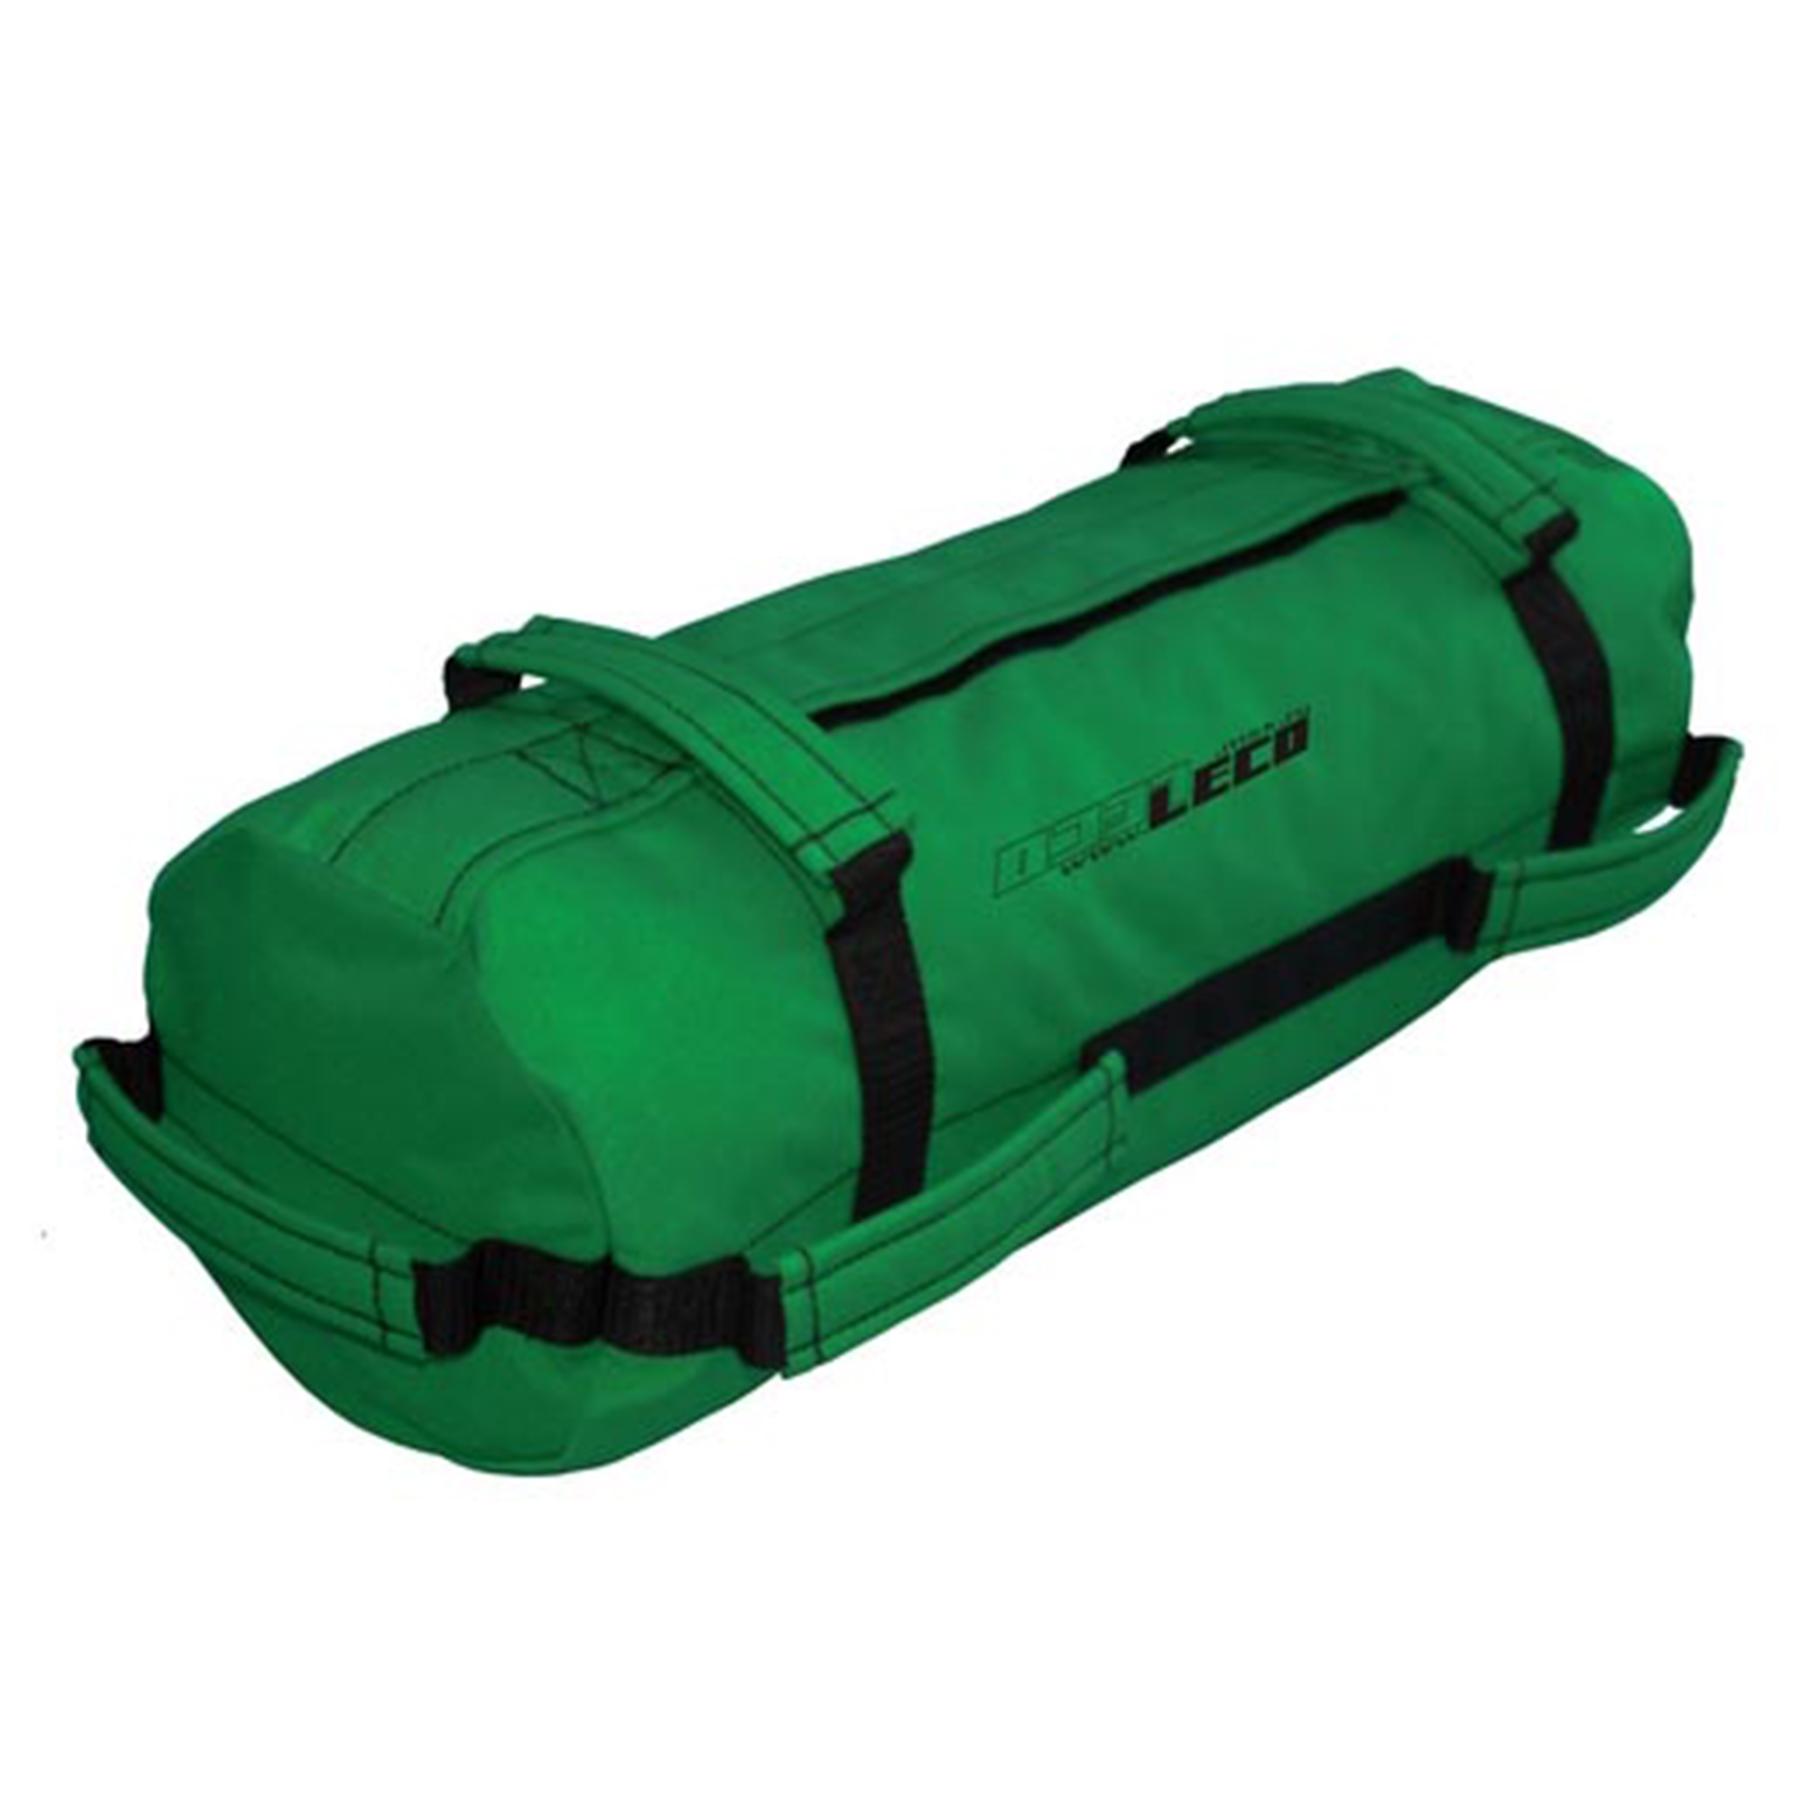 Сендбег (мешок-утяжелитель) Леко на 15 кг, габариты 50*18, 7 ручек (гп037002) АКЦИЯ!